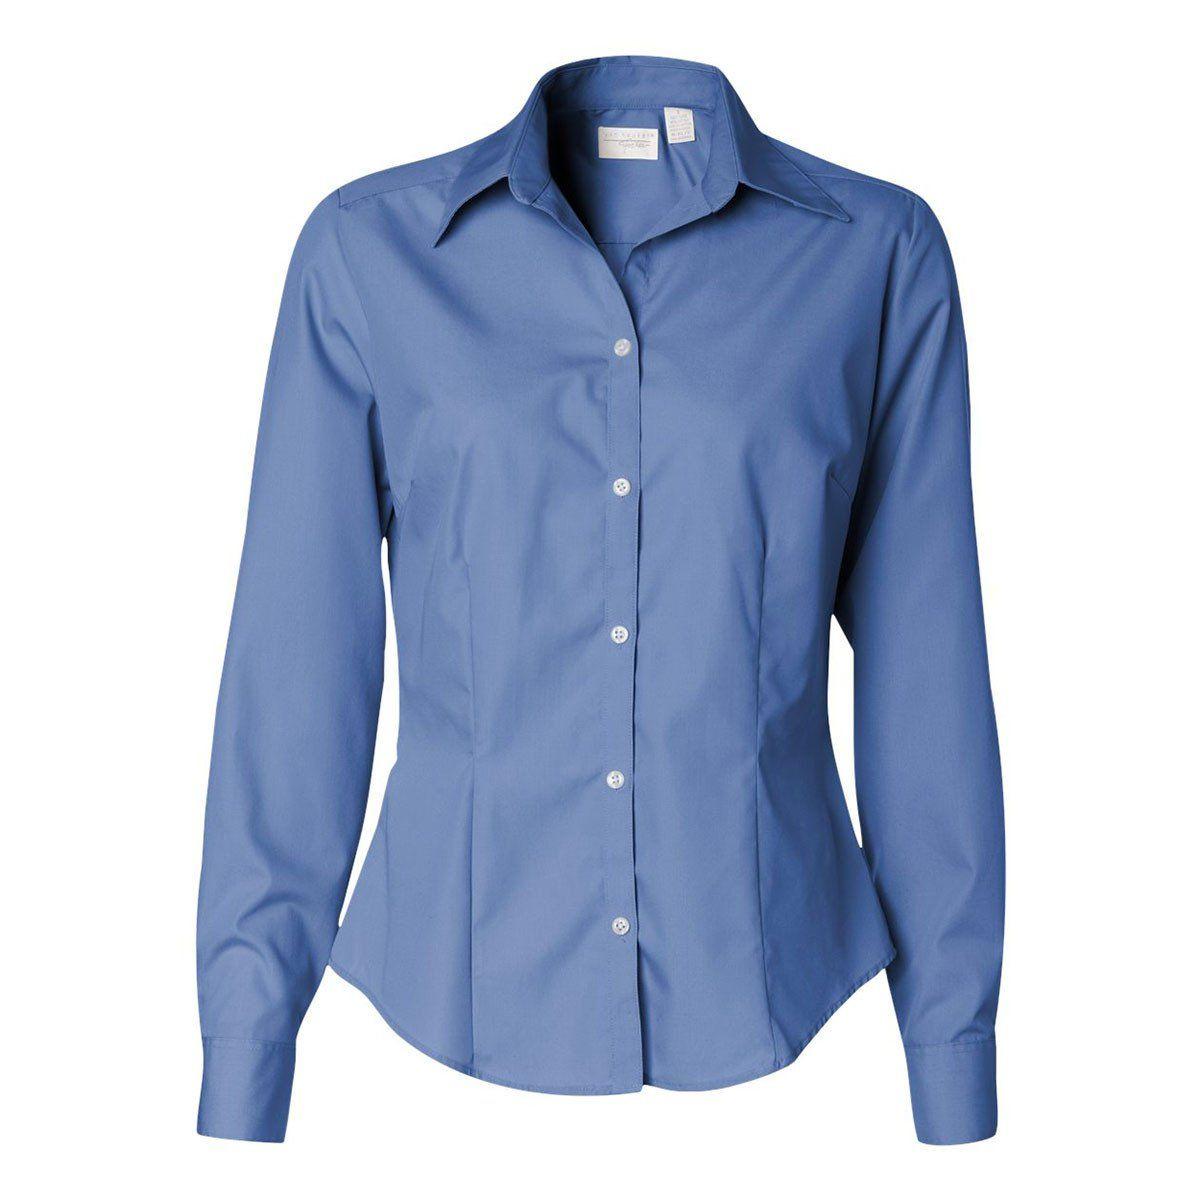 Van Heusen Women S Periwinkle Blue Silky Poplin Dress Shirt Poplin Shirt Shirts Online Shopping Clothes